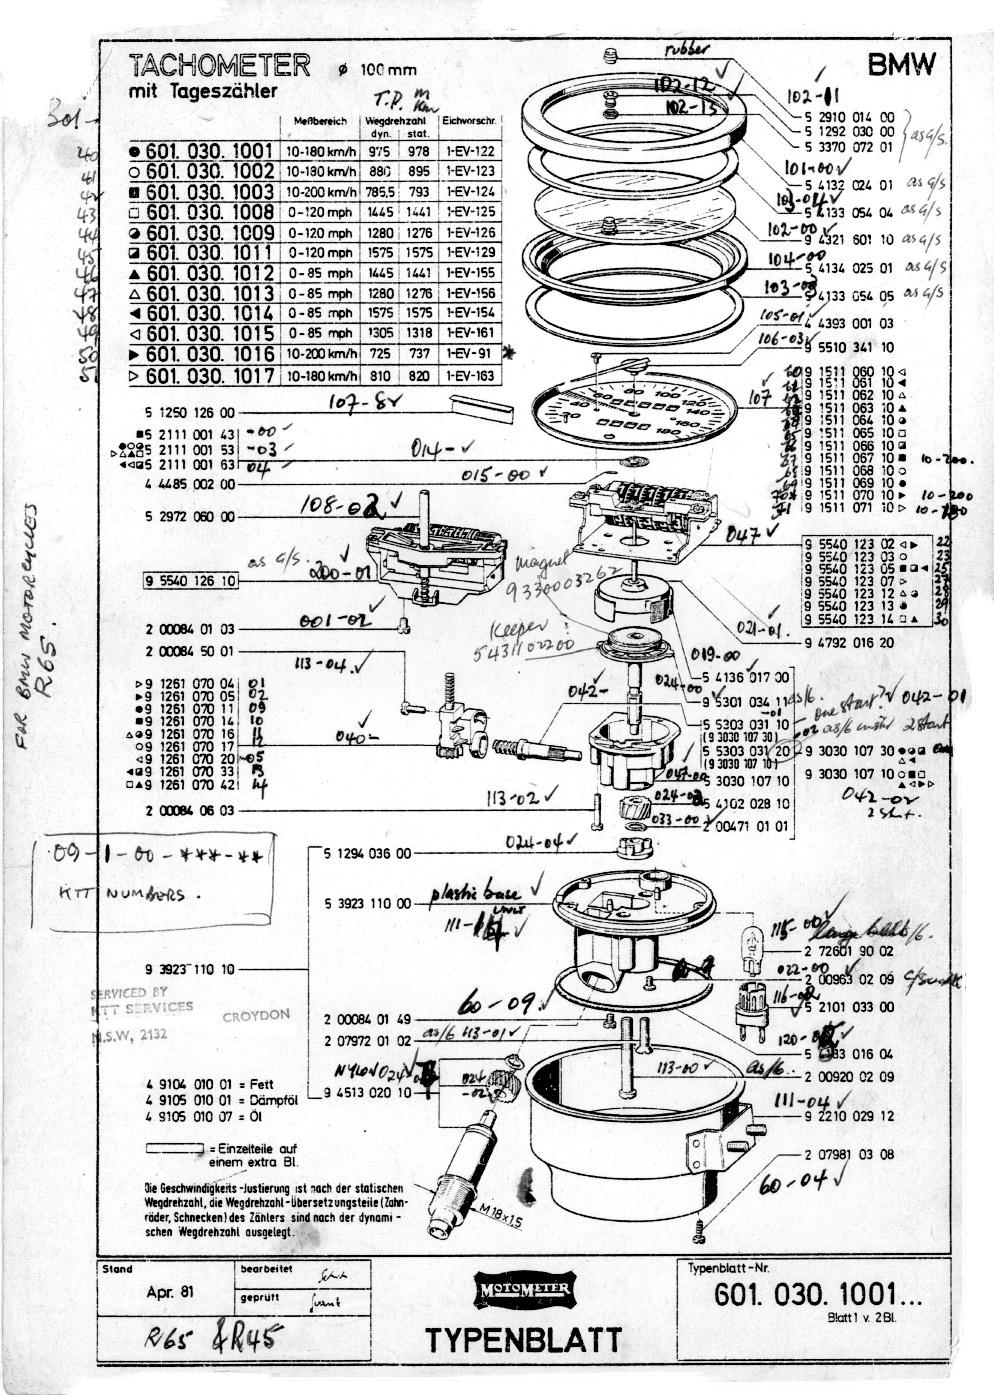 wiring diagram bmw r65ls